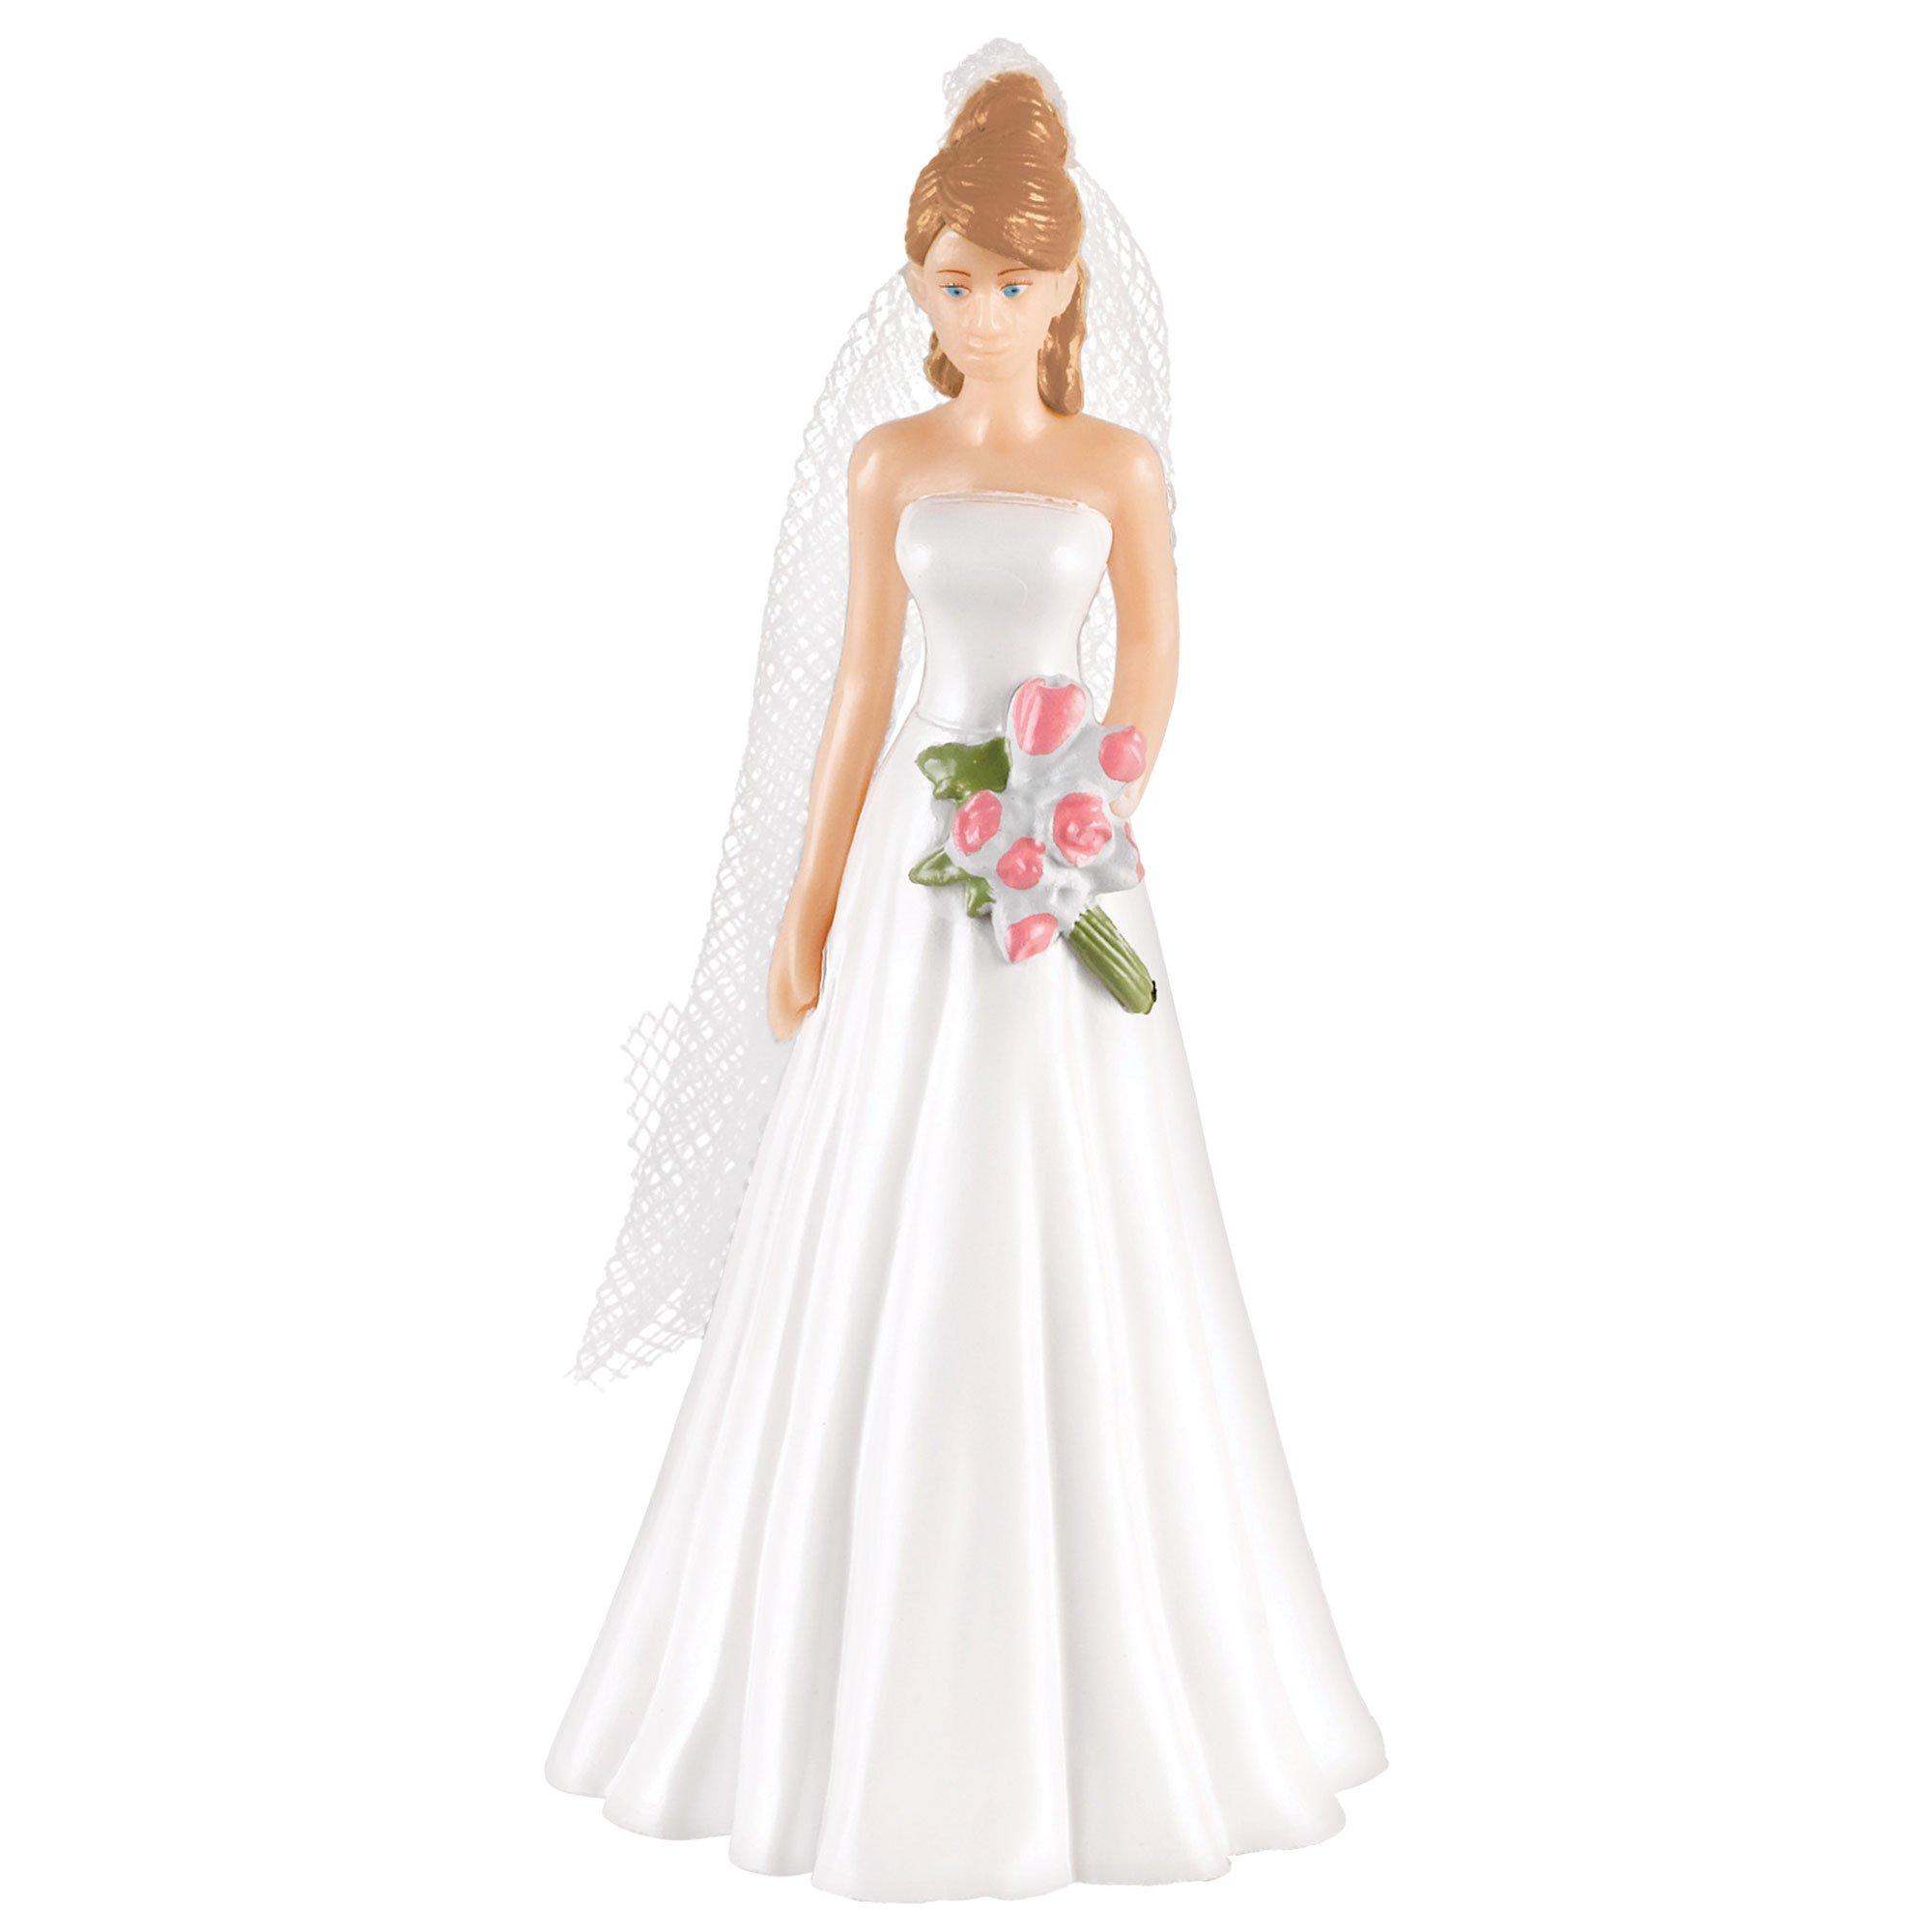 Cake Topper Bride & Light Brown Hair